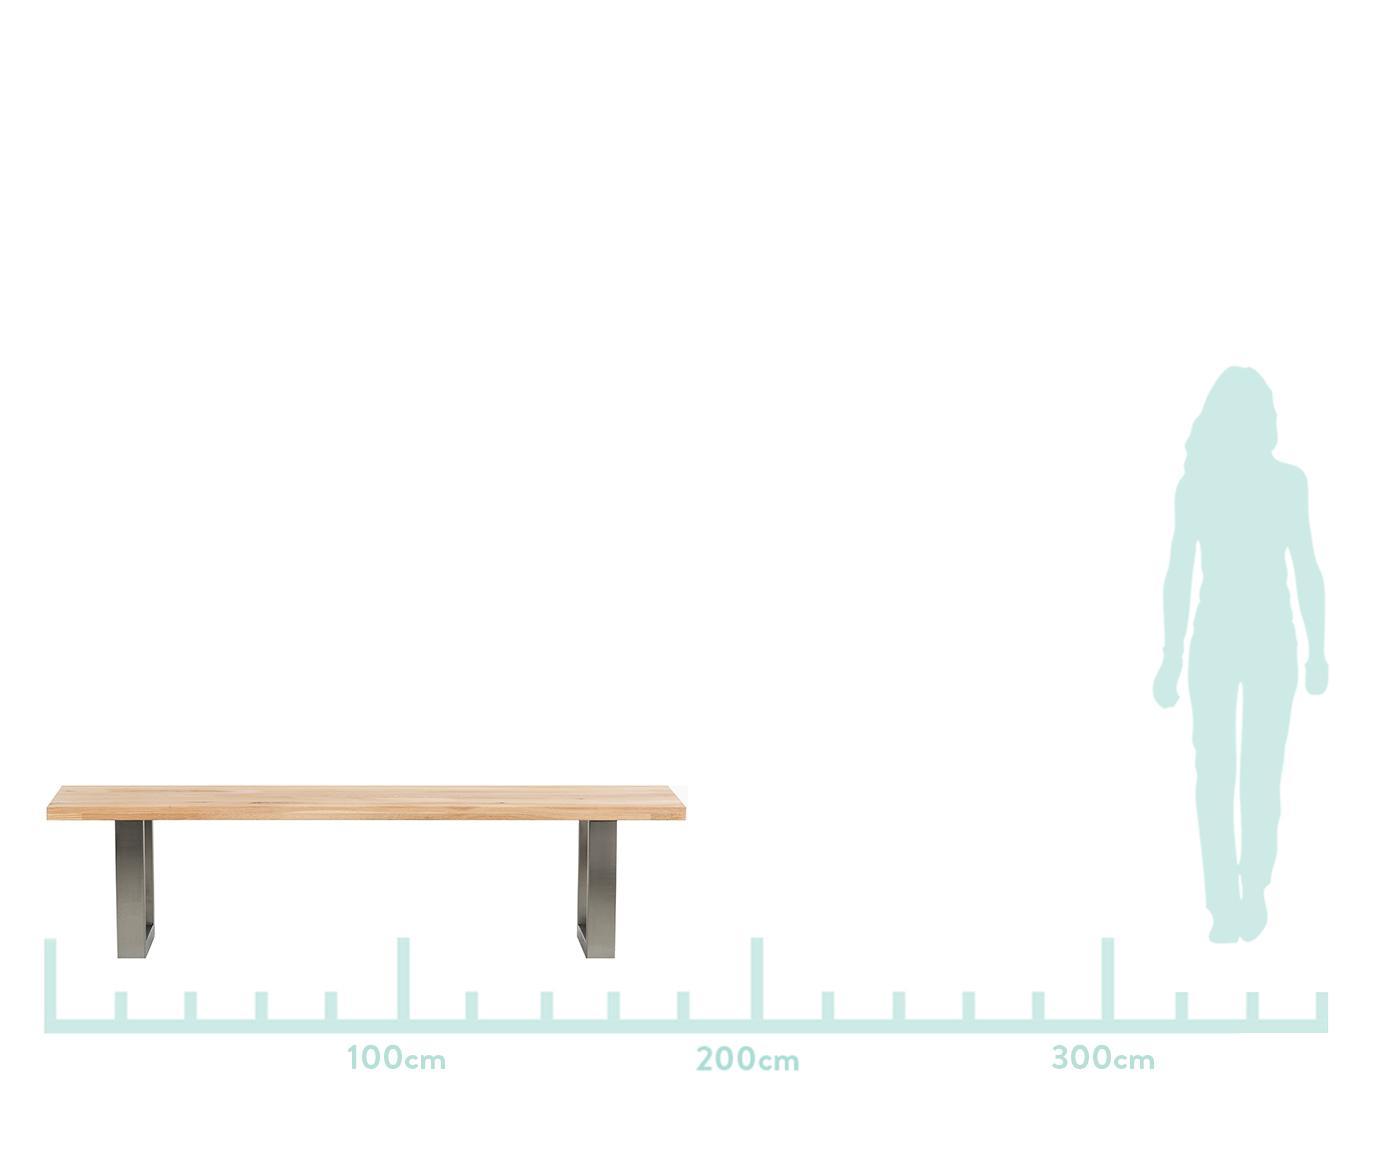 Sitzbank Oliver aus Eichenholz, Sitzfläche: Europäische Wildeiche, ma, Beine: Matt gebürsteter Edelstah, Sitzfläche: WildeicheBeine: Edelstahl, matt gebürstet, 180 x 45 cm